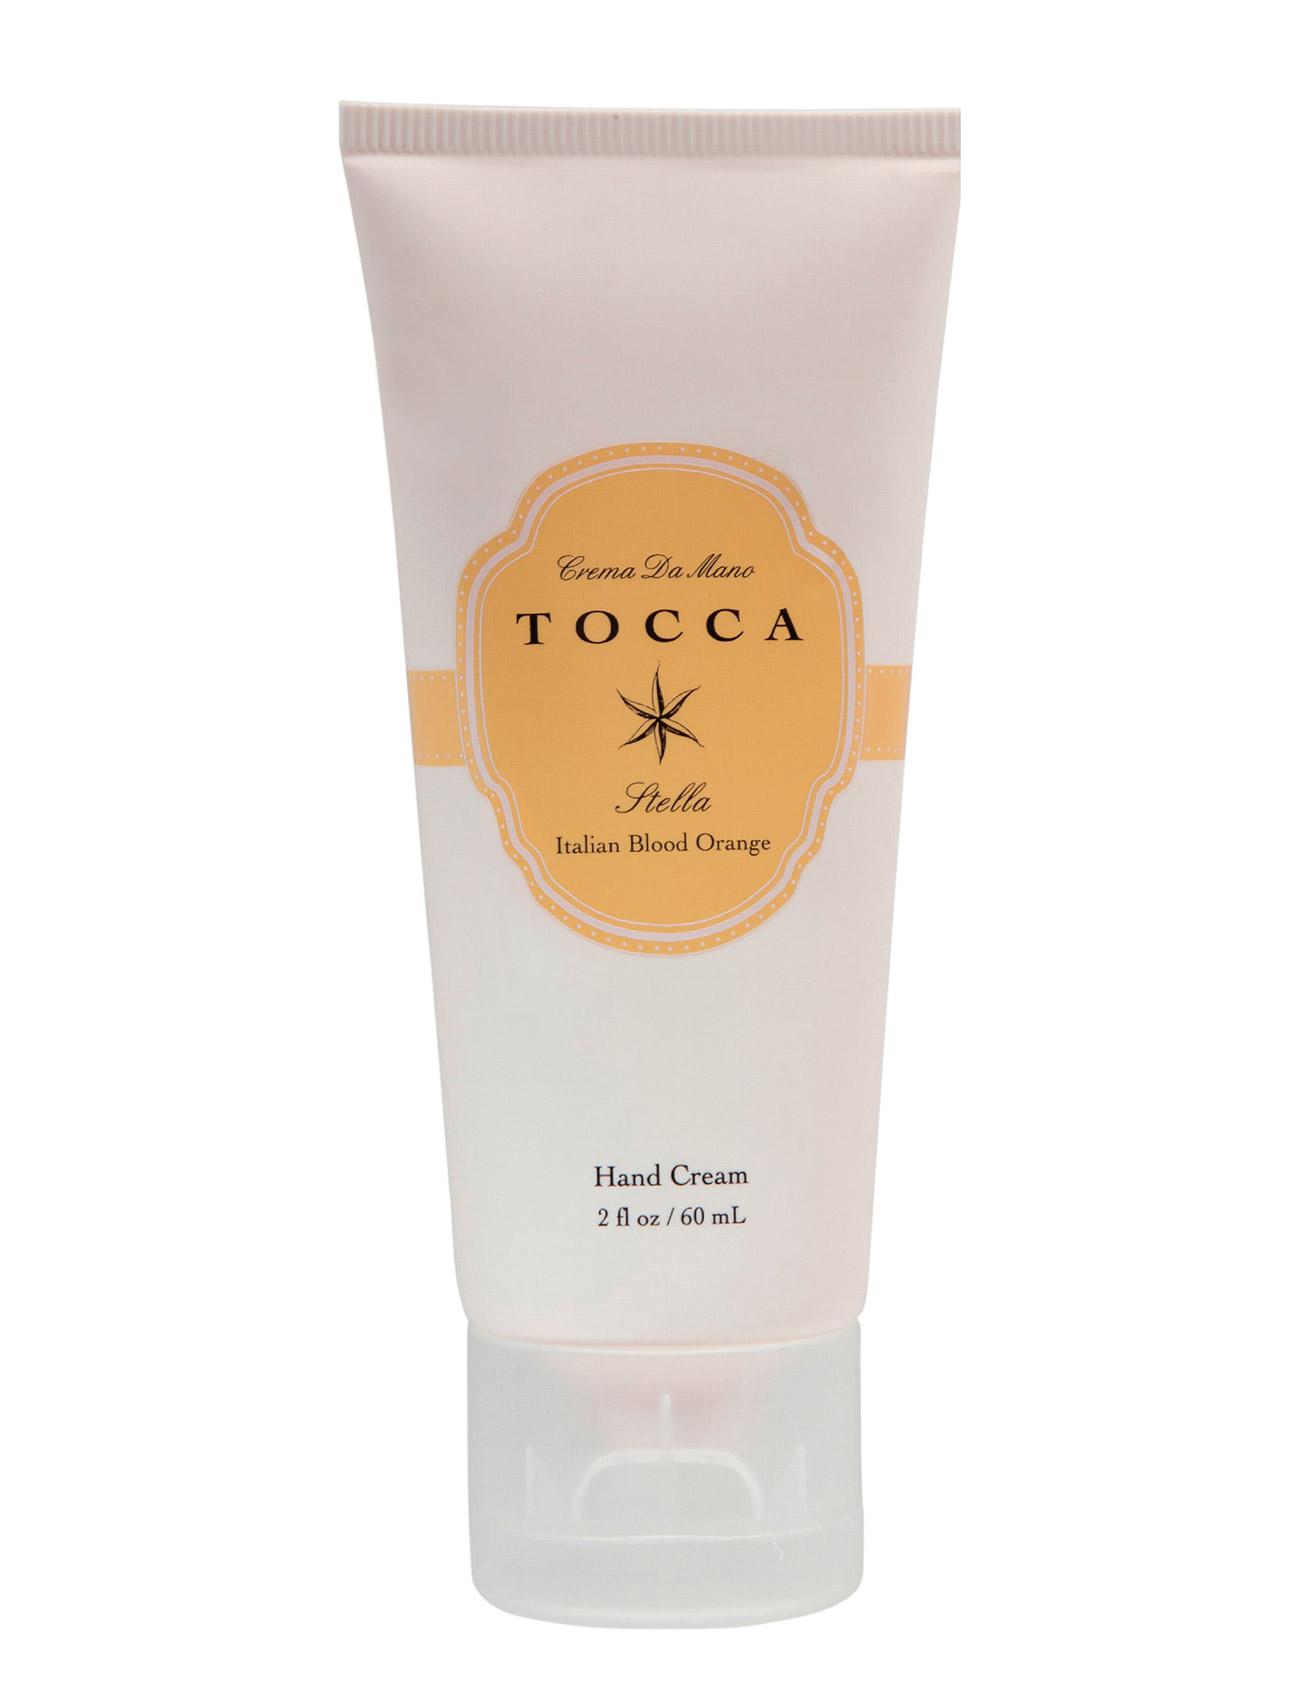 Hand cream stella fra tocca på boozt.com dk